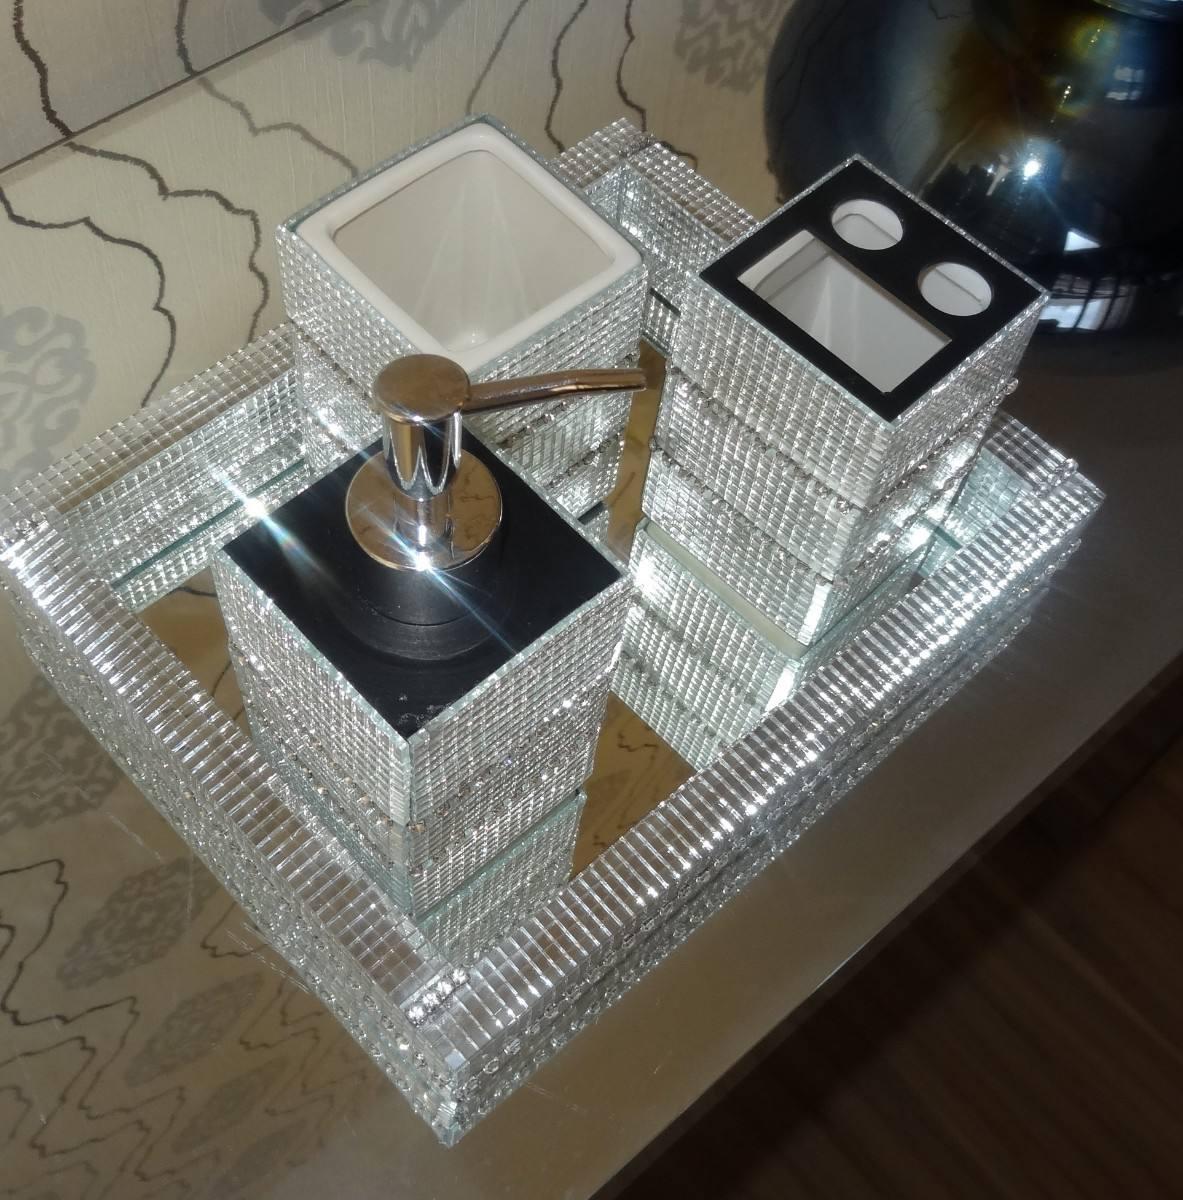 Buffet Aparador Adega ~ Kit Lavabo banheiro 3 Pç (bandeja saboneteira Liquida Etc) R$ 195,00 em Mercado Livre